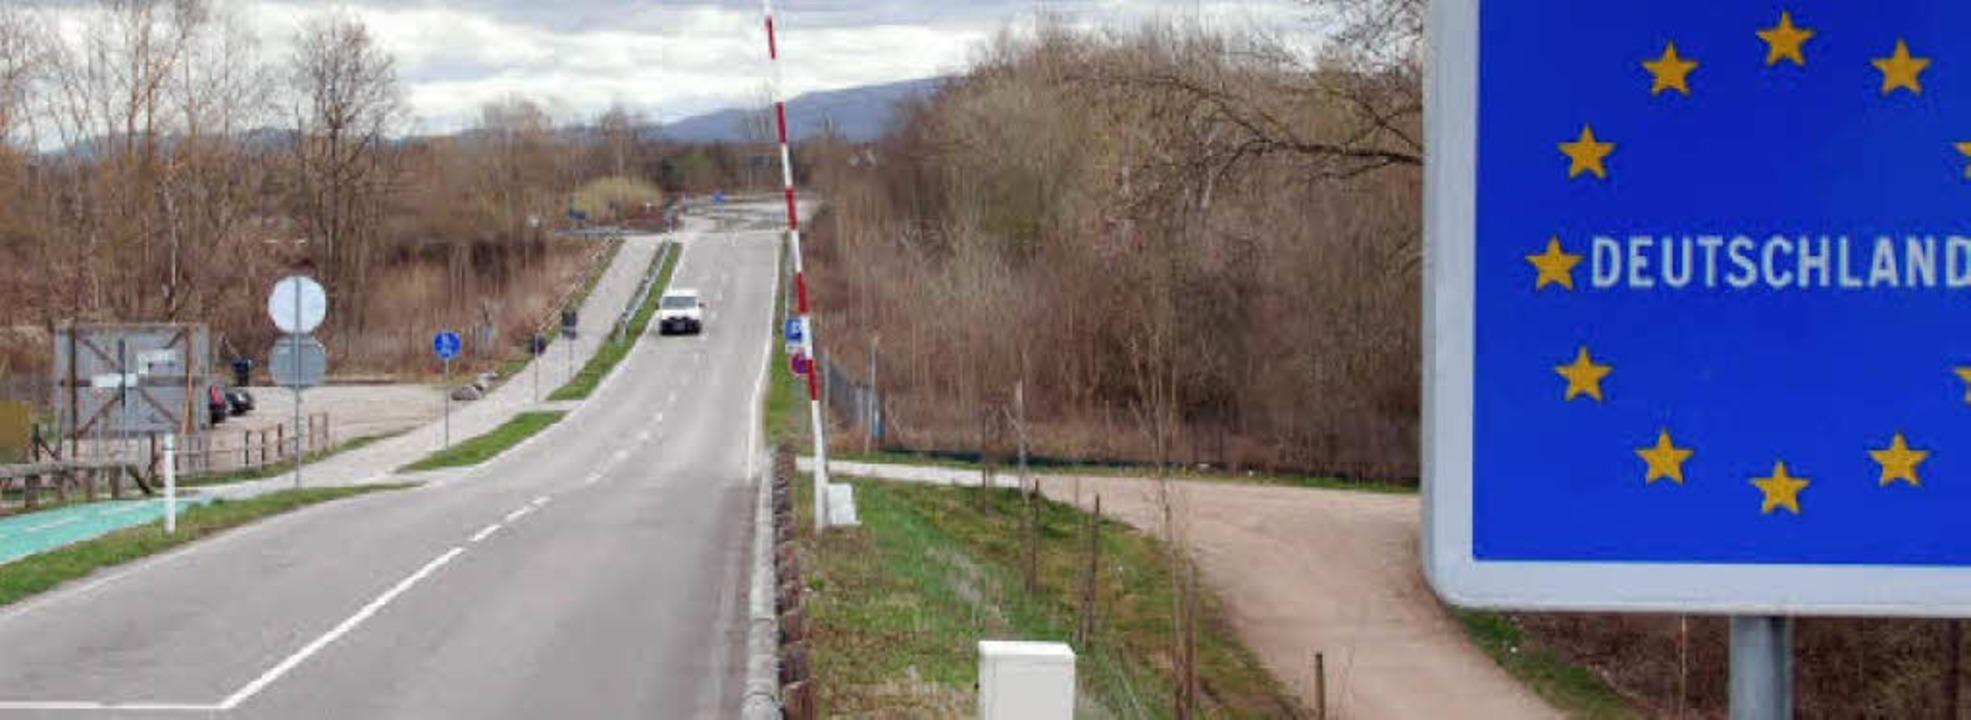 Platz für ein historisches Dokumentationszentrum:  Auffahrt zur Rheinbrücke    Foto: Franz Dannecker